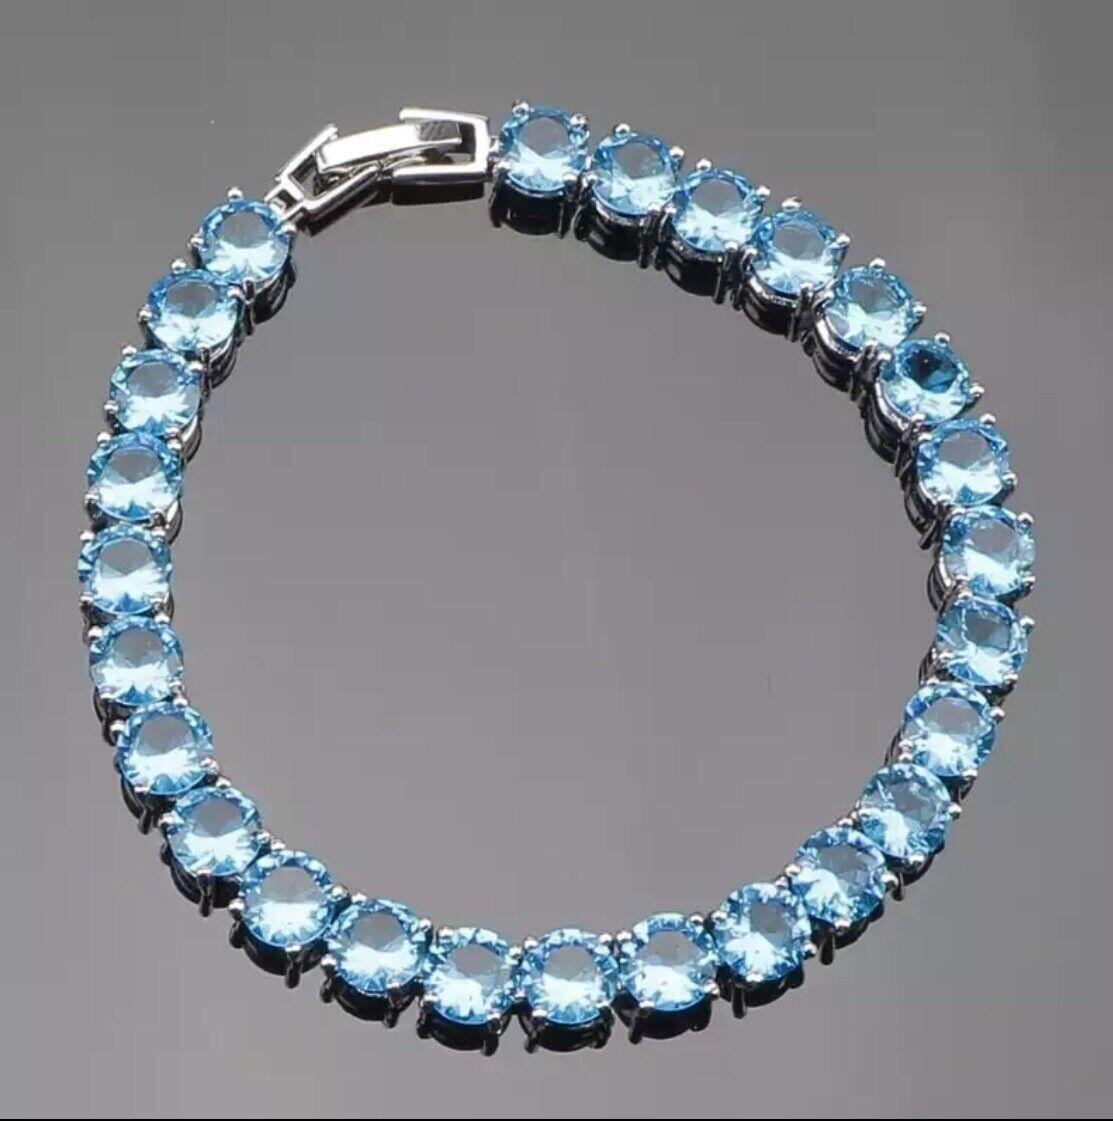 Natural Blue Topaz 925 Sterling Silver Tennis Bracelet Bangle 7 Inch 11g